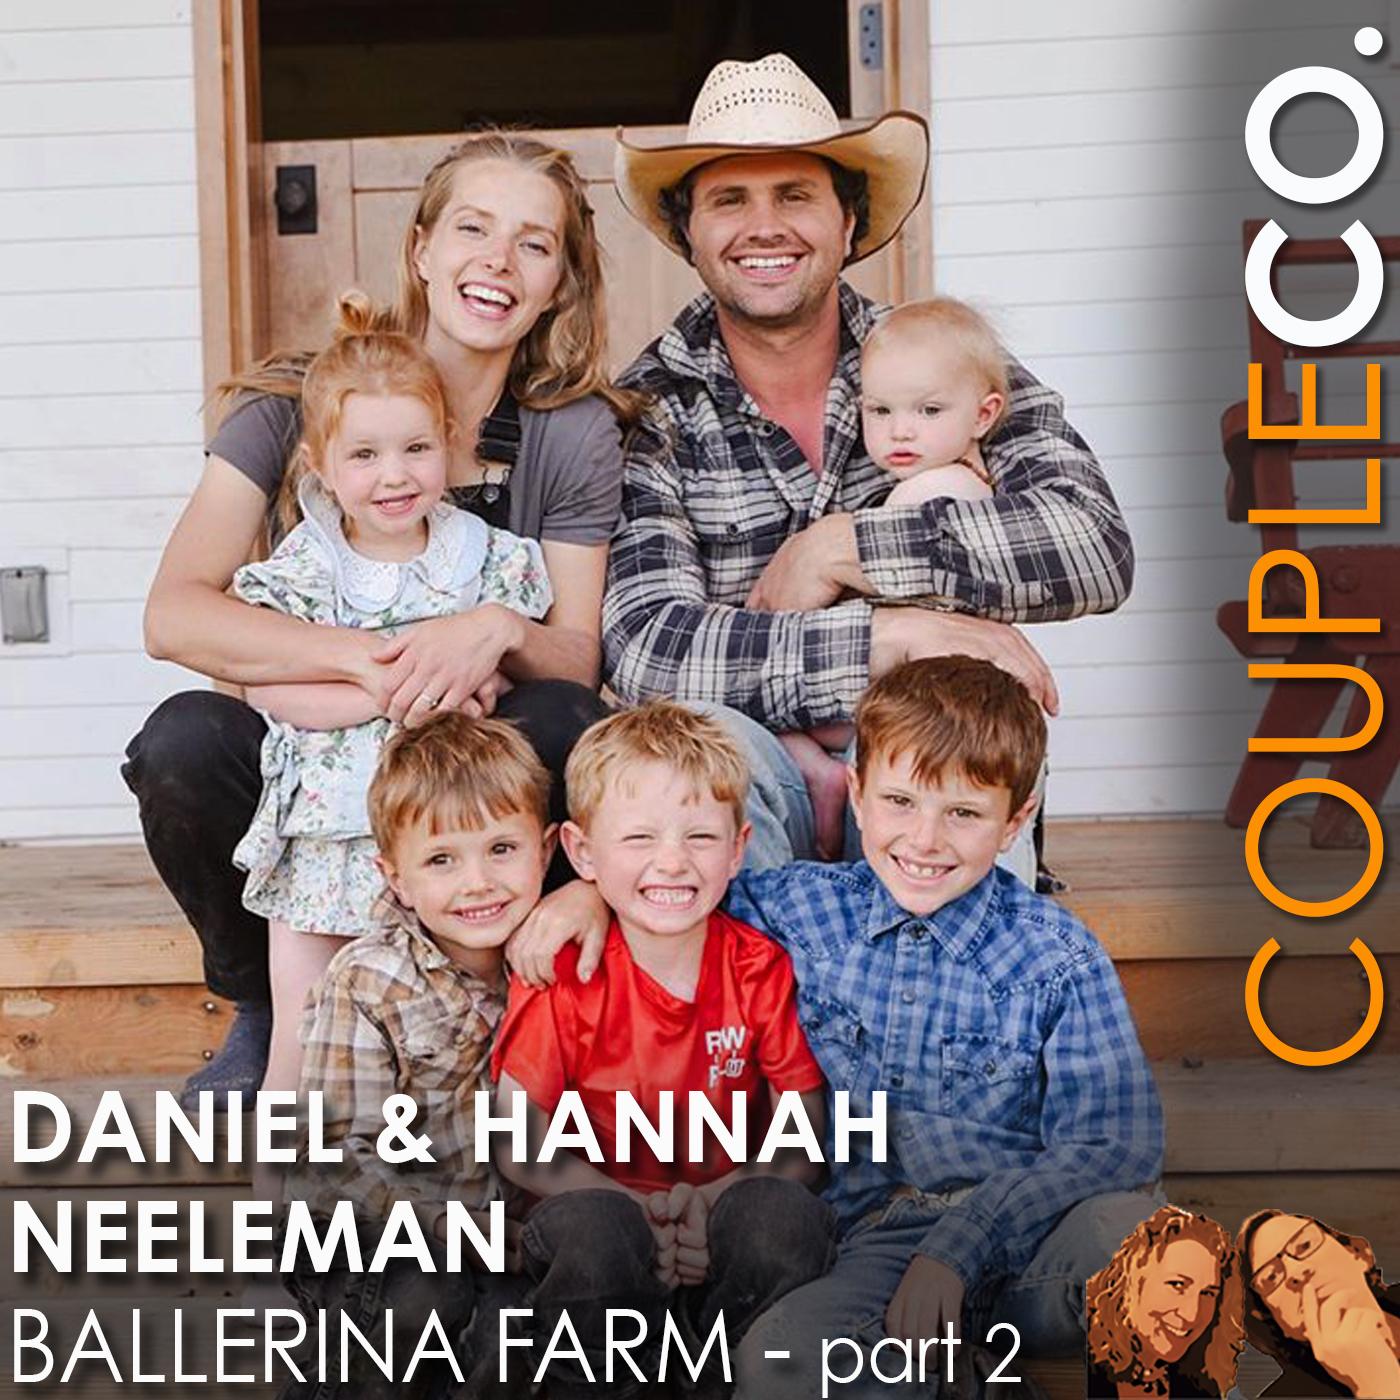 Ballerina & Business Guy Go Whole Hog: Hannah and Daniel Neeleman of Ballerina Farm, Kamas UT, Part 2